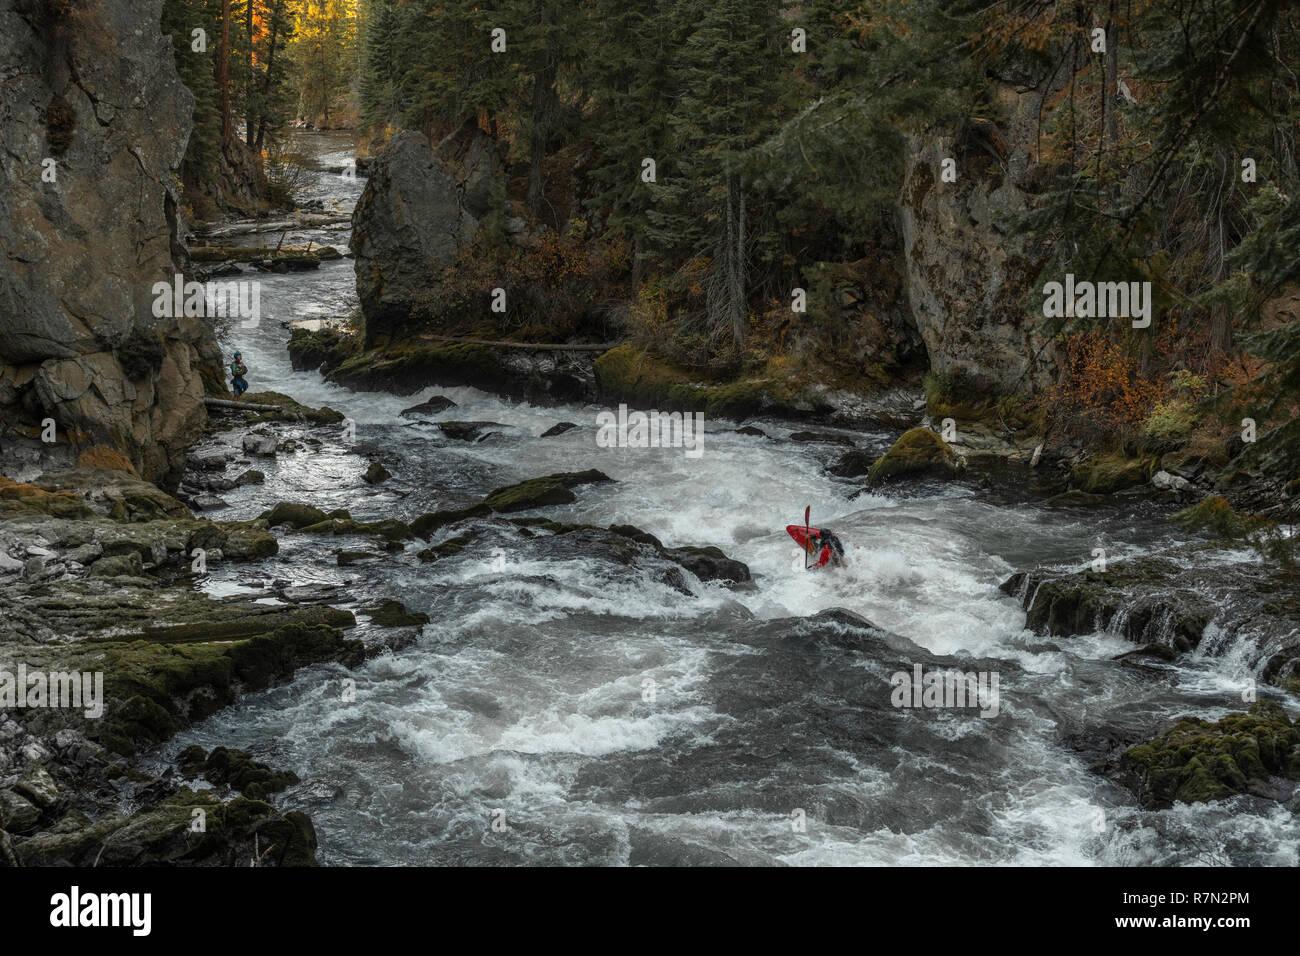 Kayaking white water on Benham Falls, Deschutes River near Bend, Oregon - Stock Image